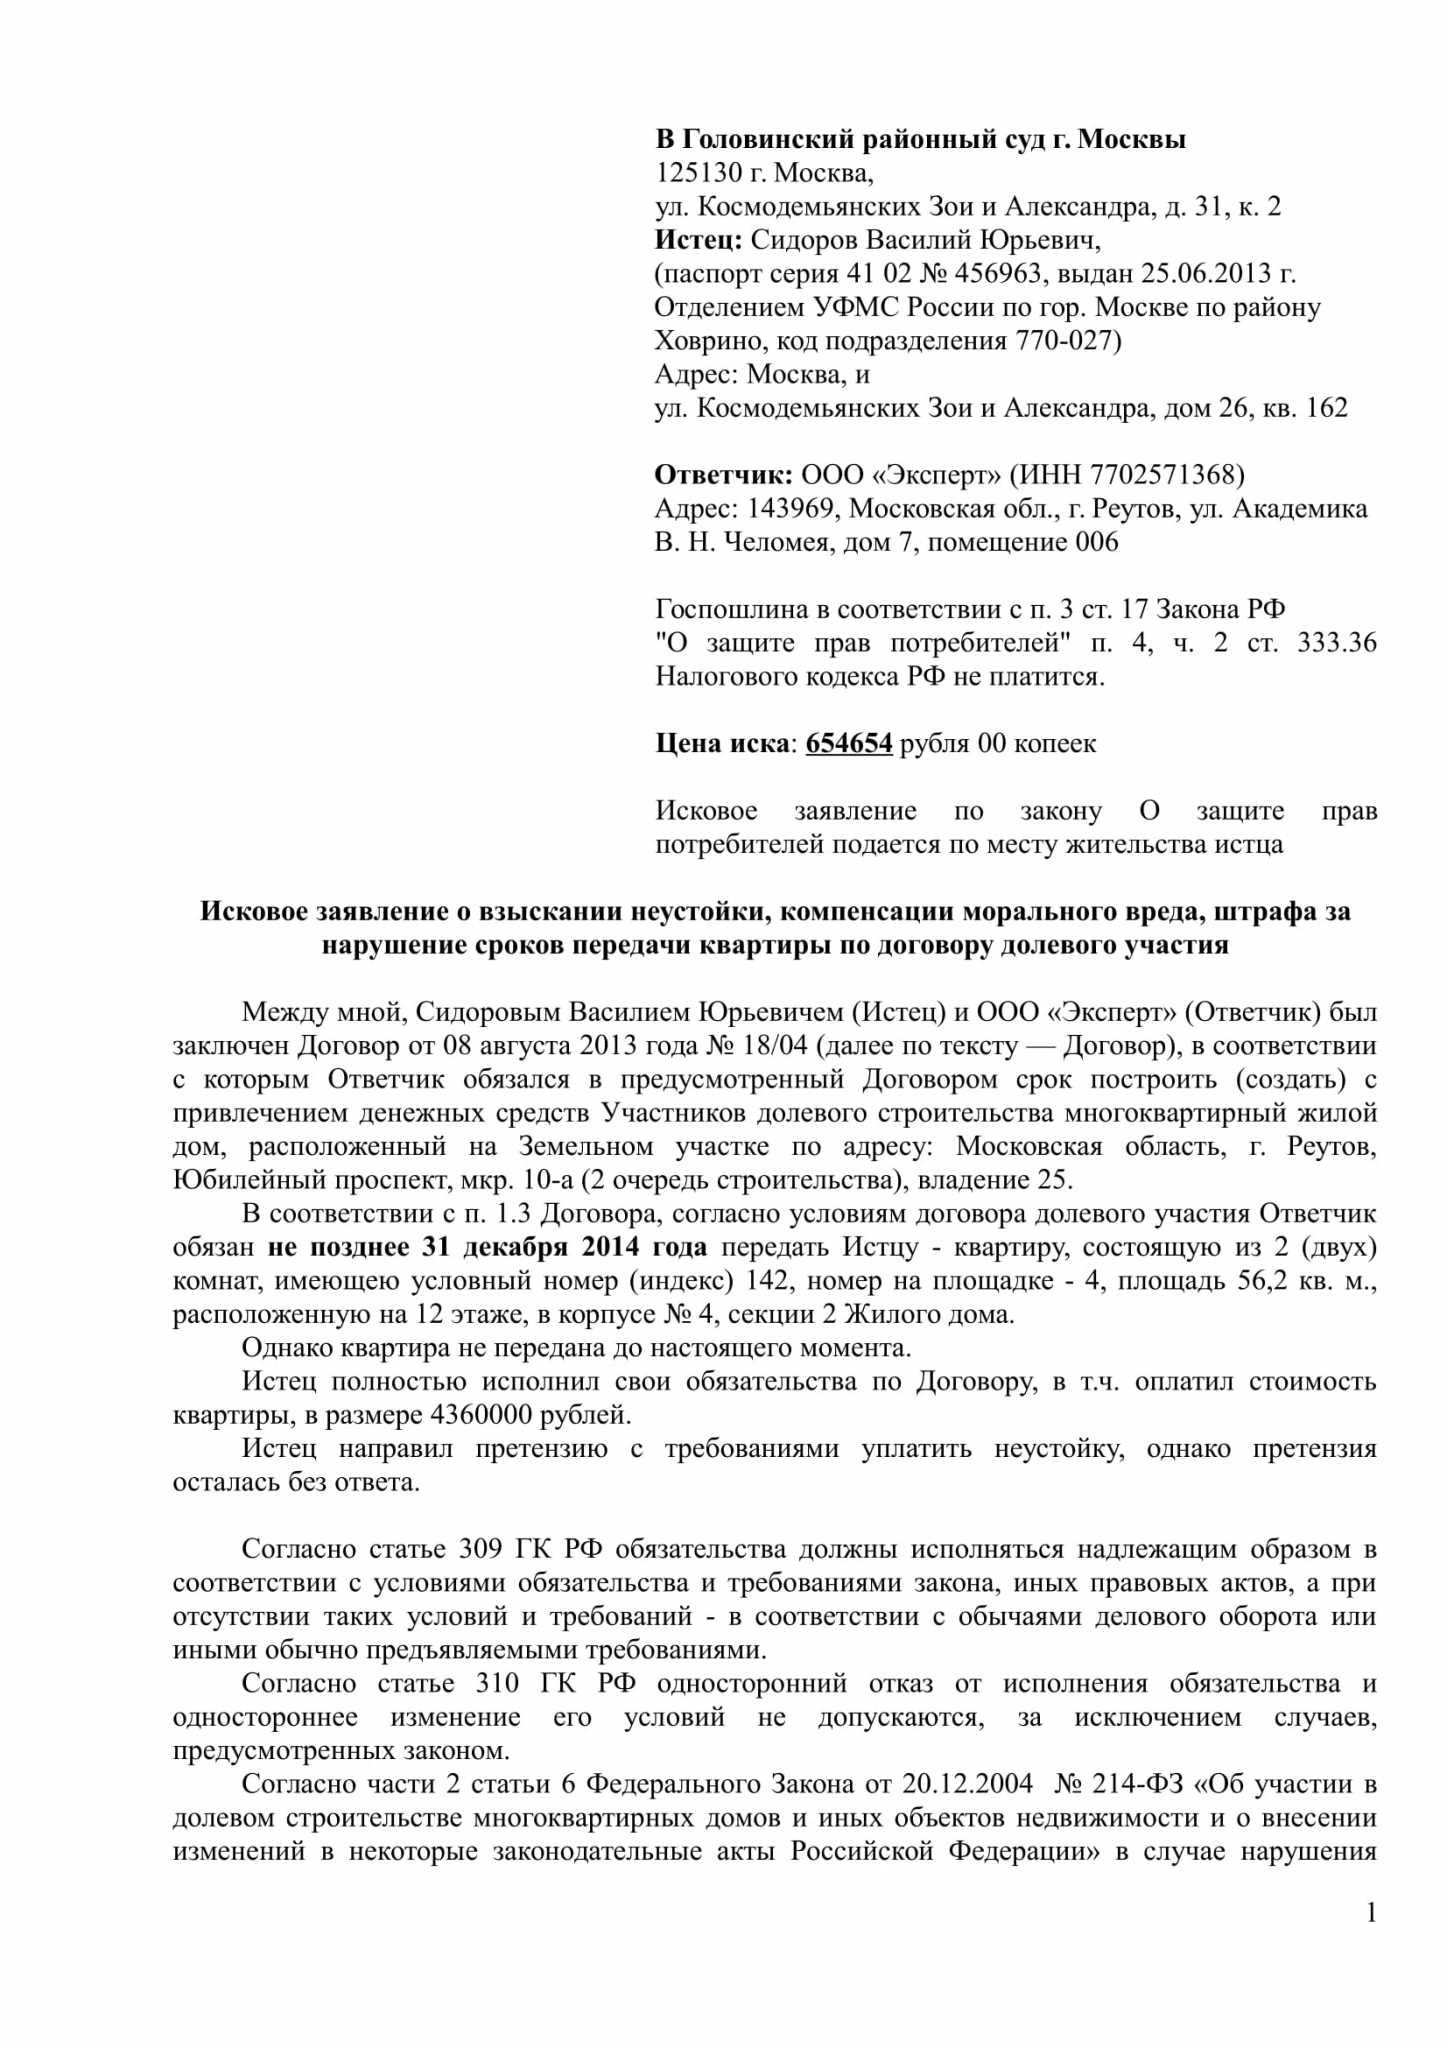 Нужен ли сертификат по знанию русскогоя языку русско говорящему иностранному гражданину